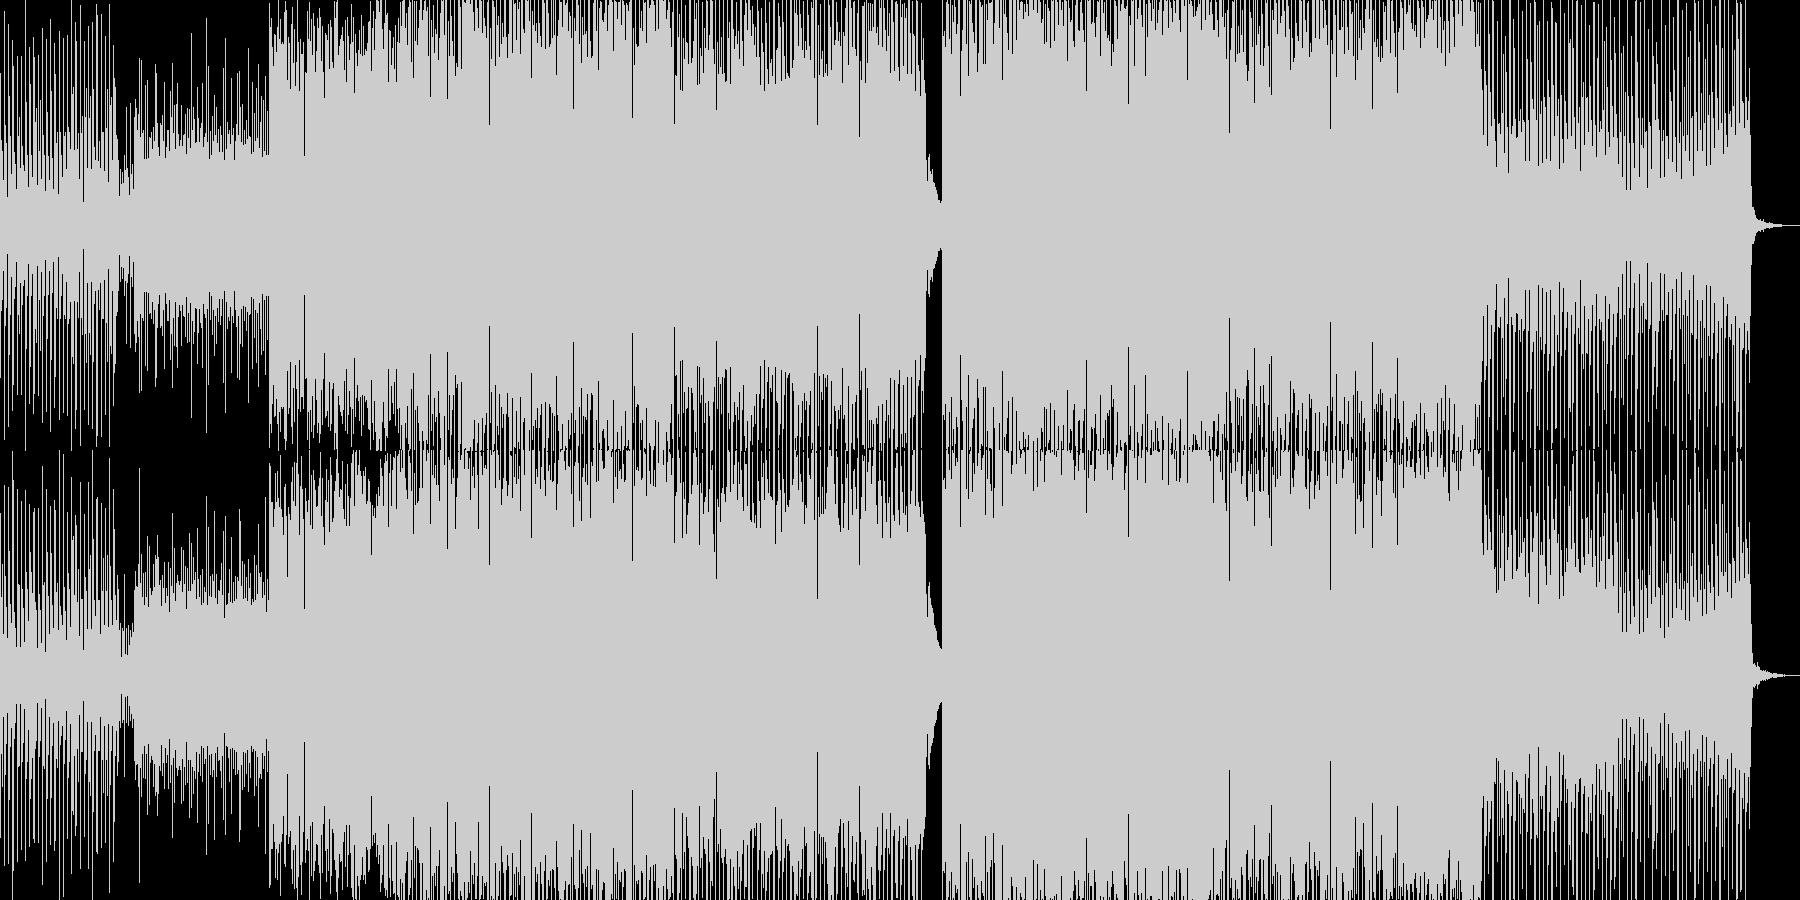 心地よい4つ打ちのリズムにシンセとピア…の未再生の波形